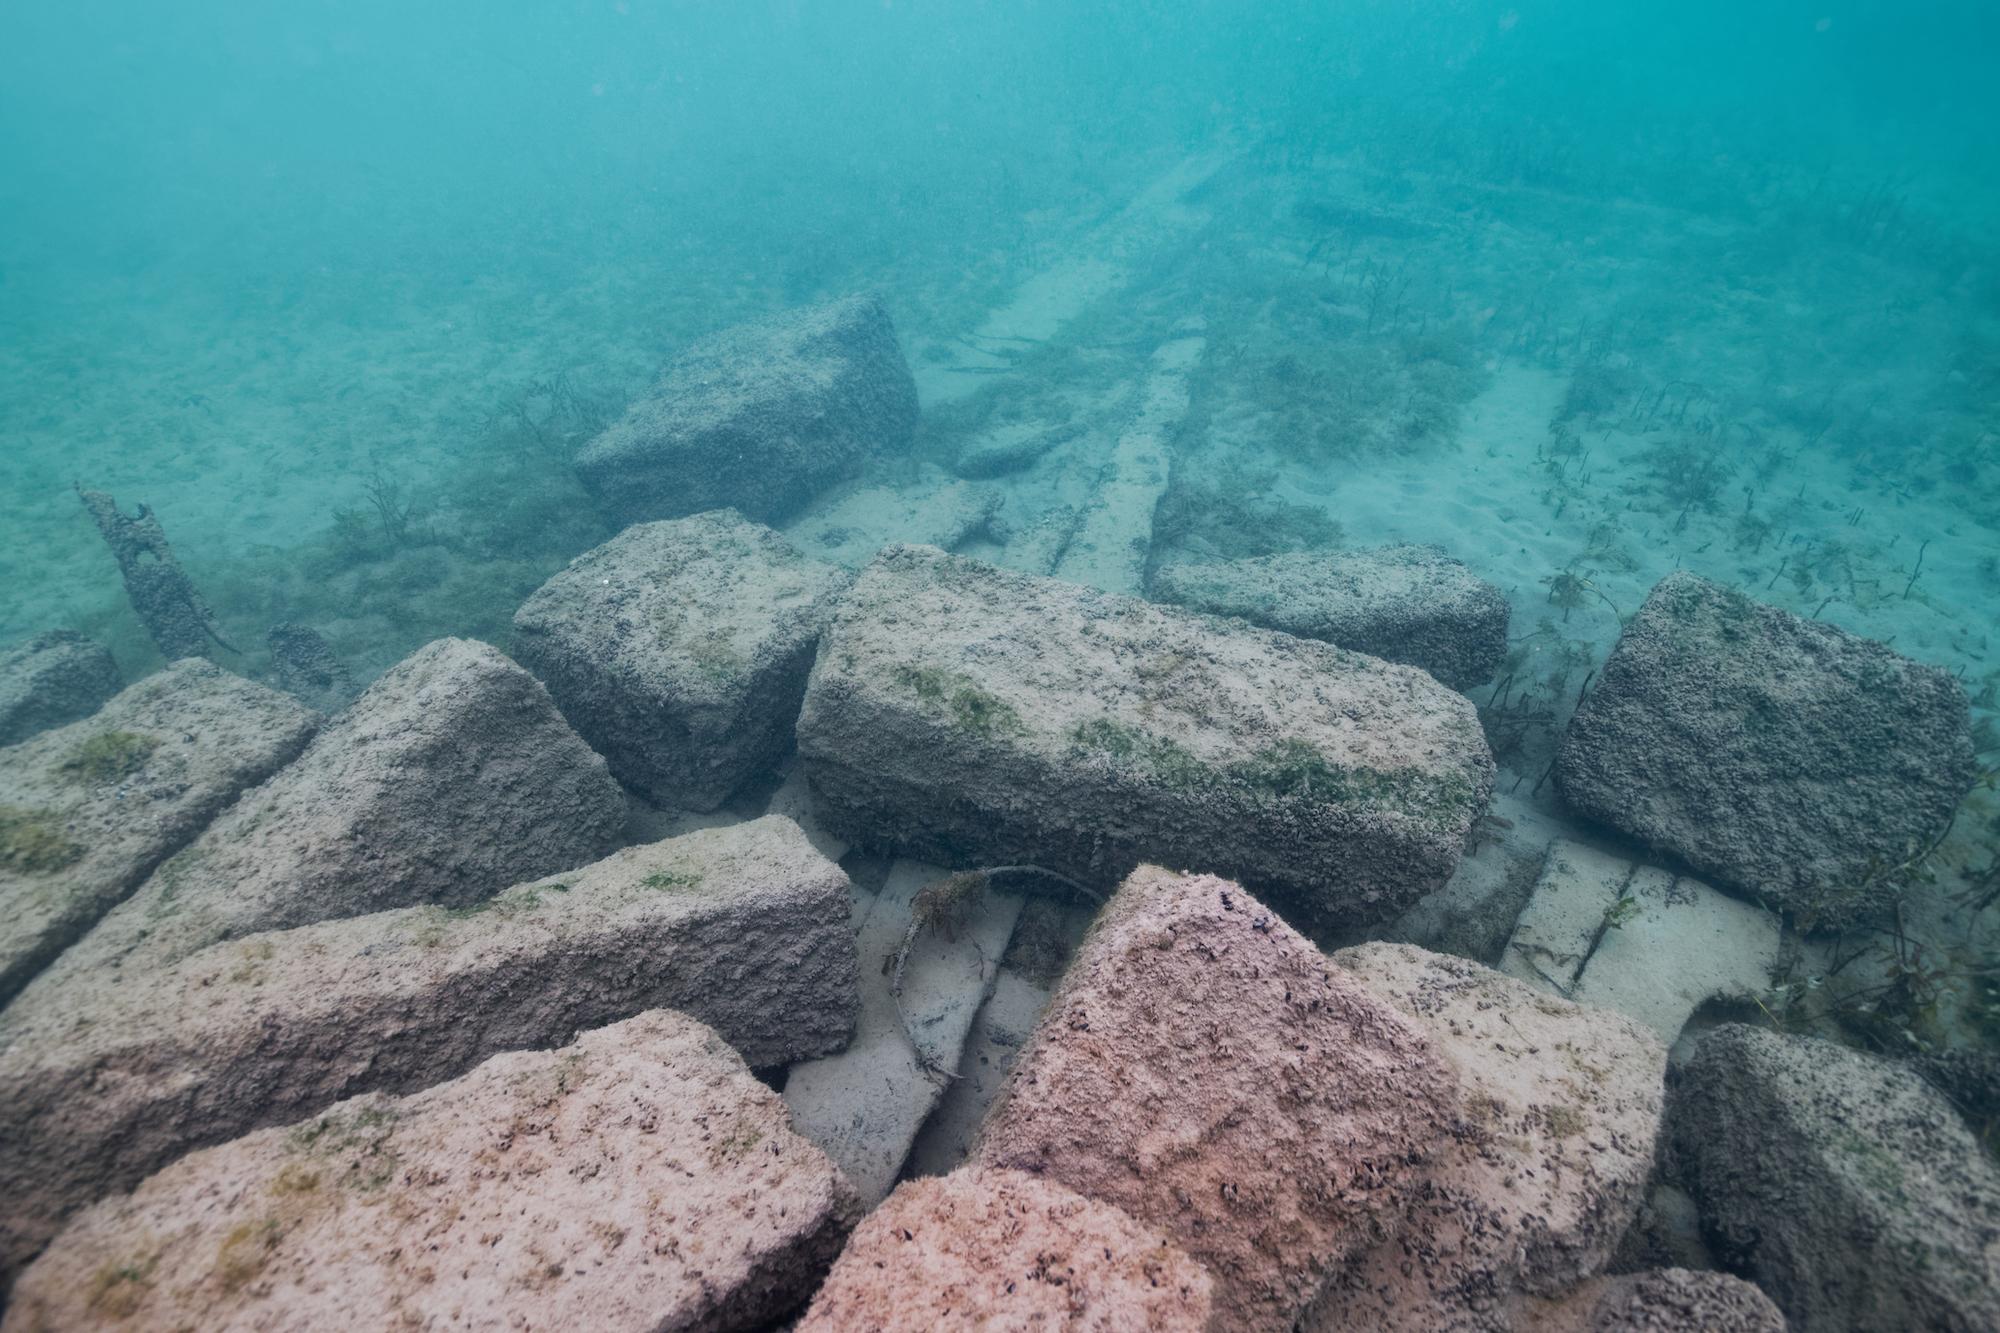 Les blocs de calcaire étaient taillés dans le jura, puis acheminés jusqu'au port pour être chargés sur les challands © Octopus Foundation